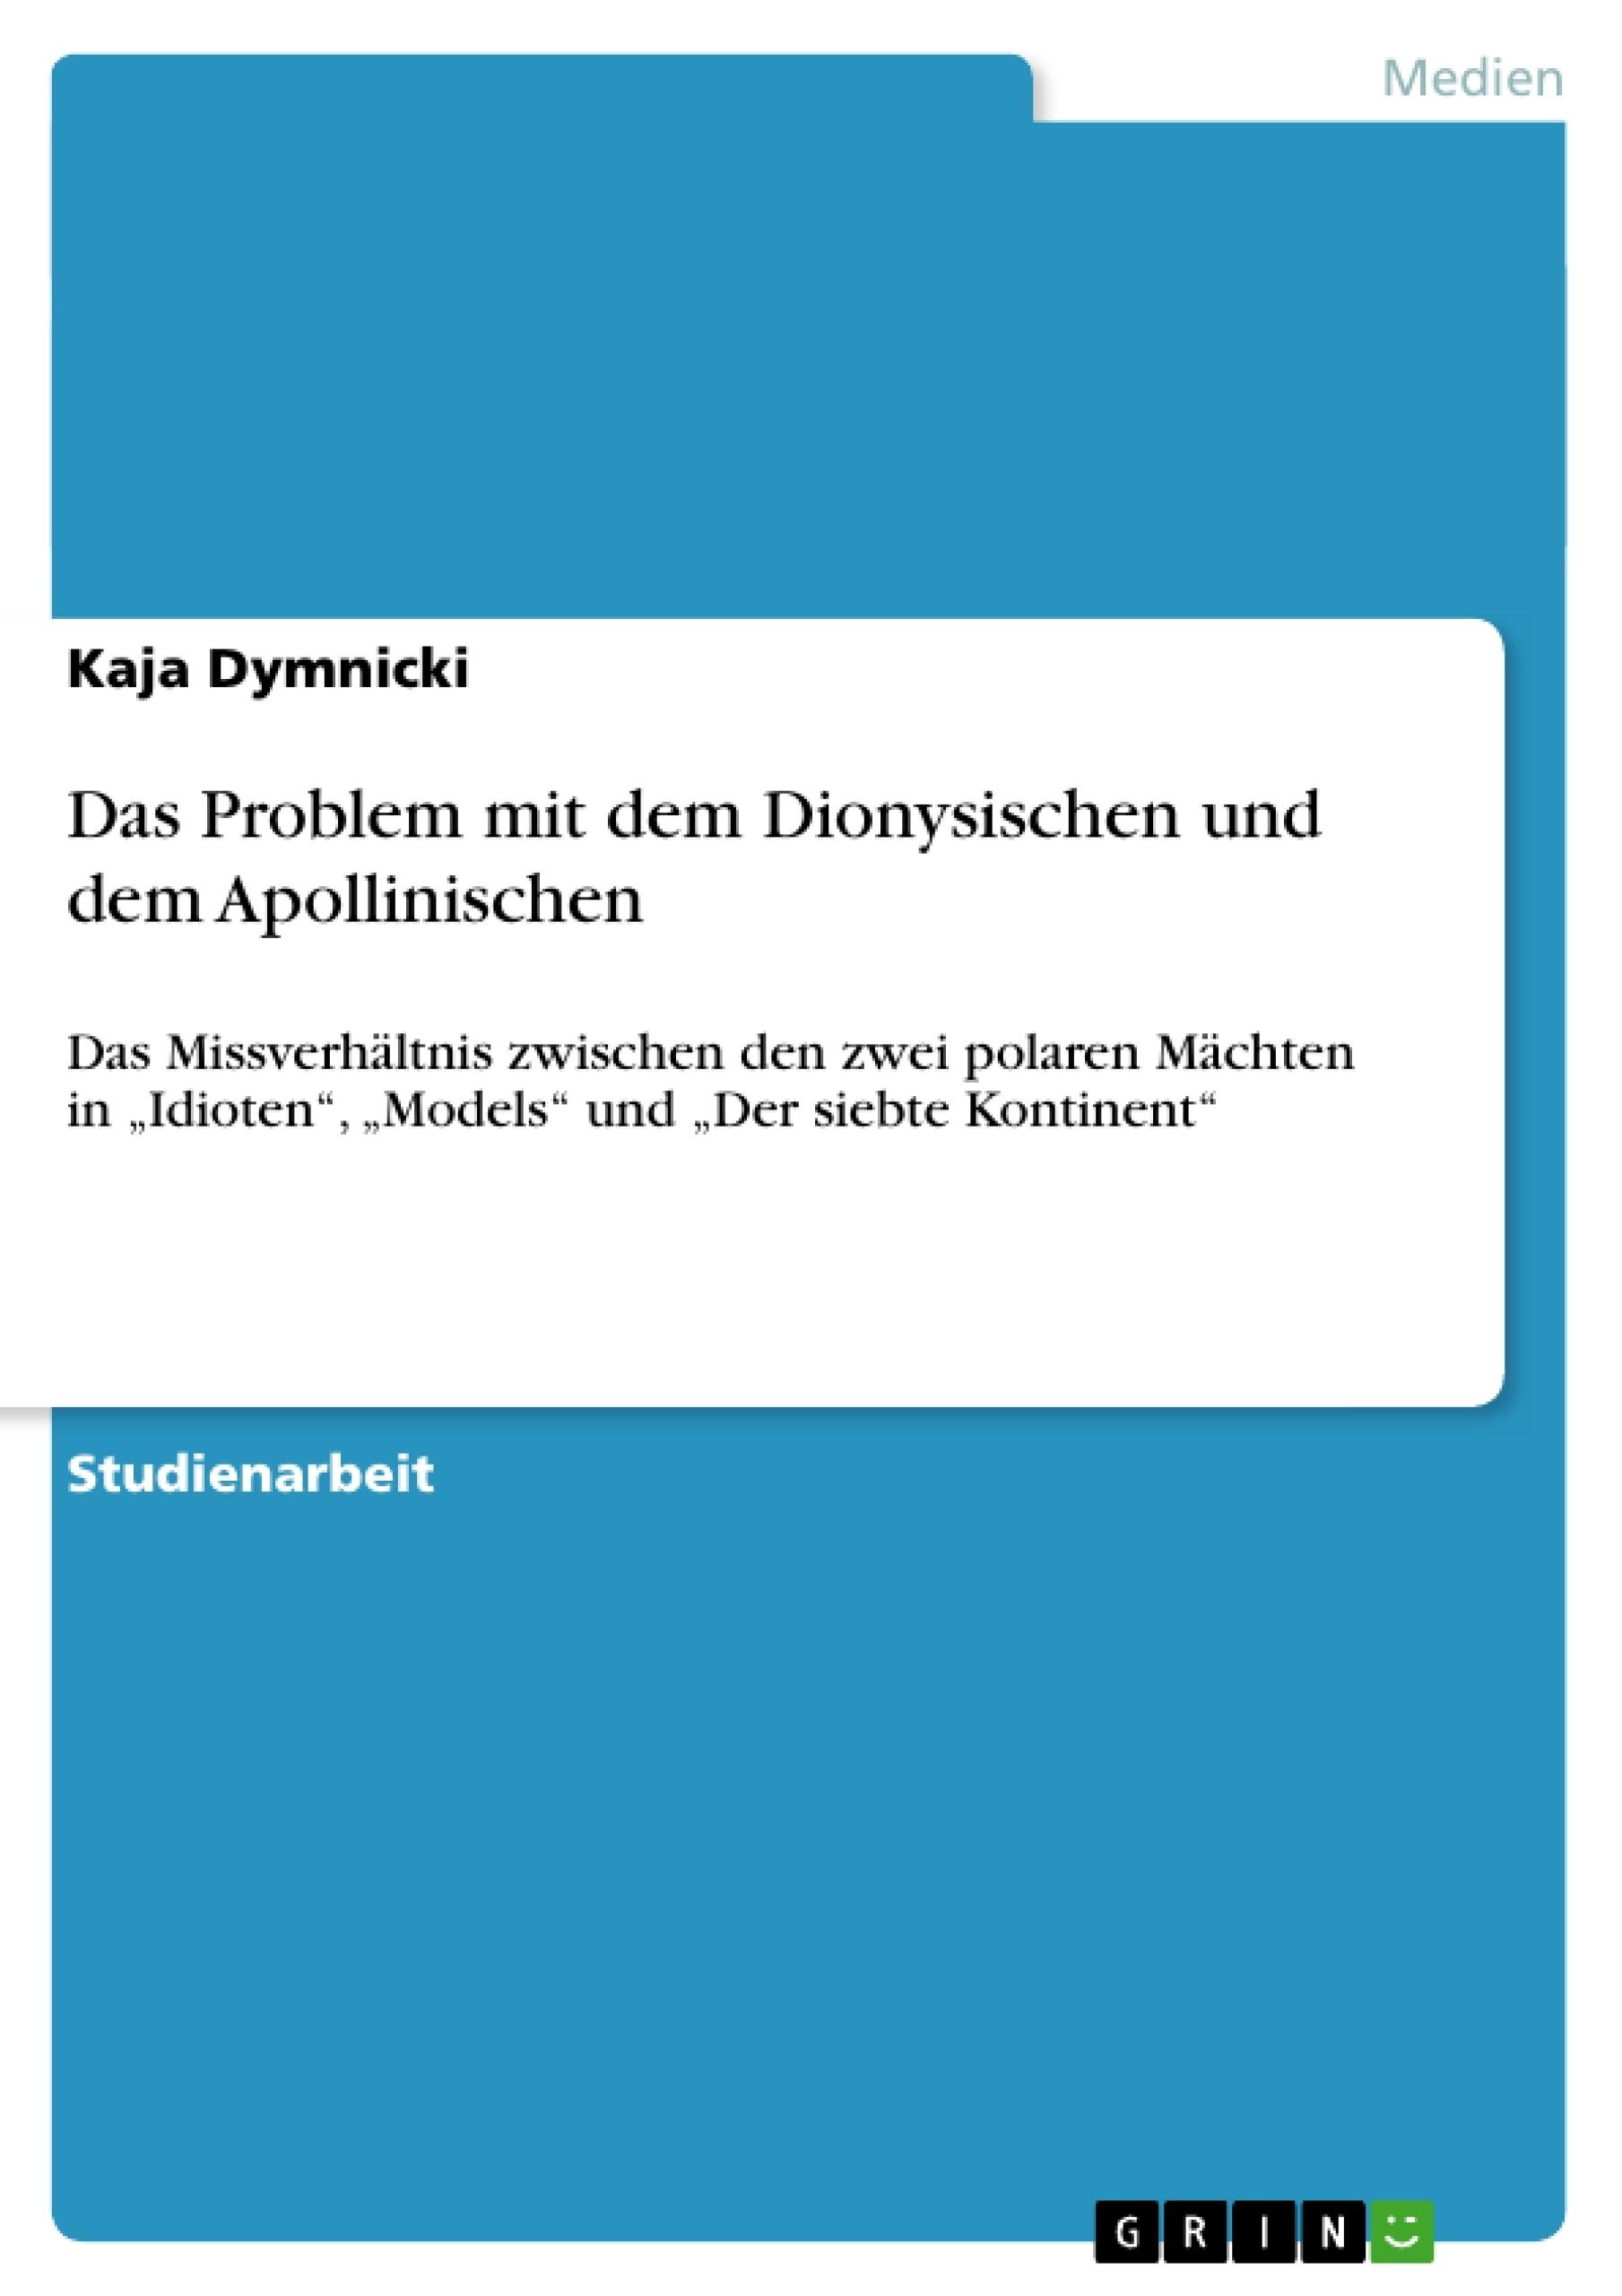 Titel: Das Problem mit dem Dionysischen und dem Apollinischen